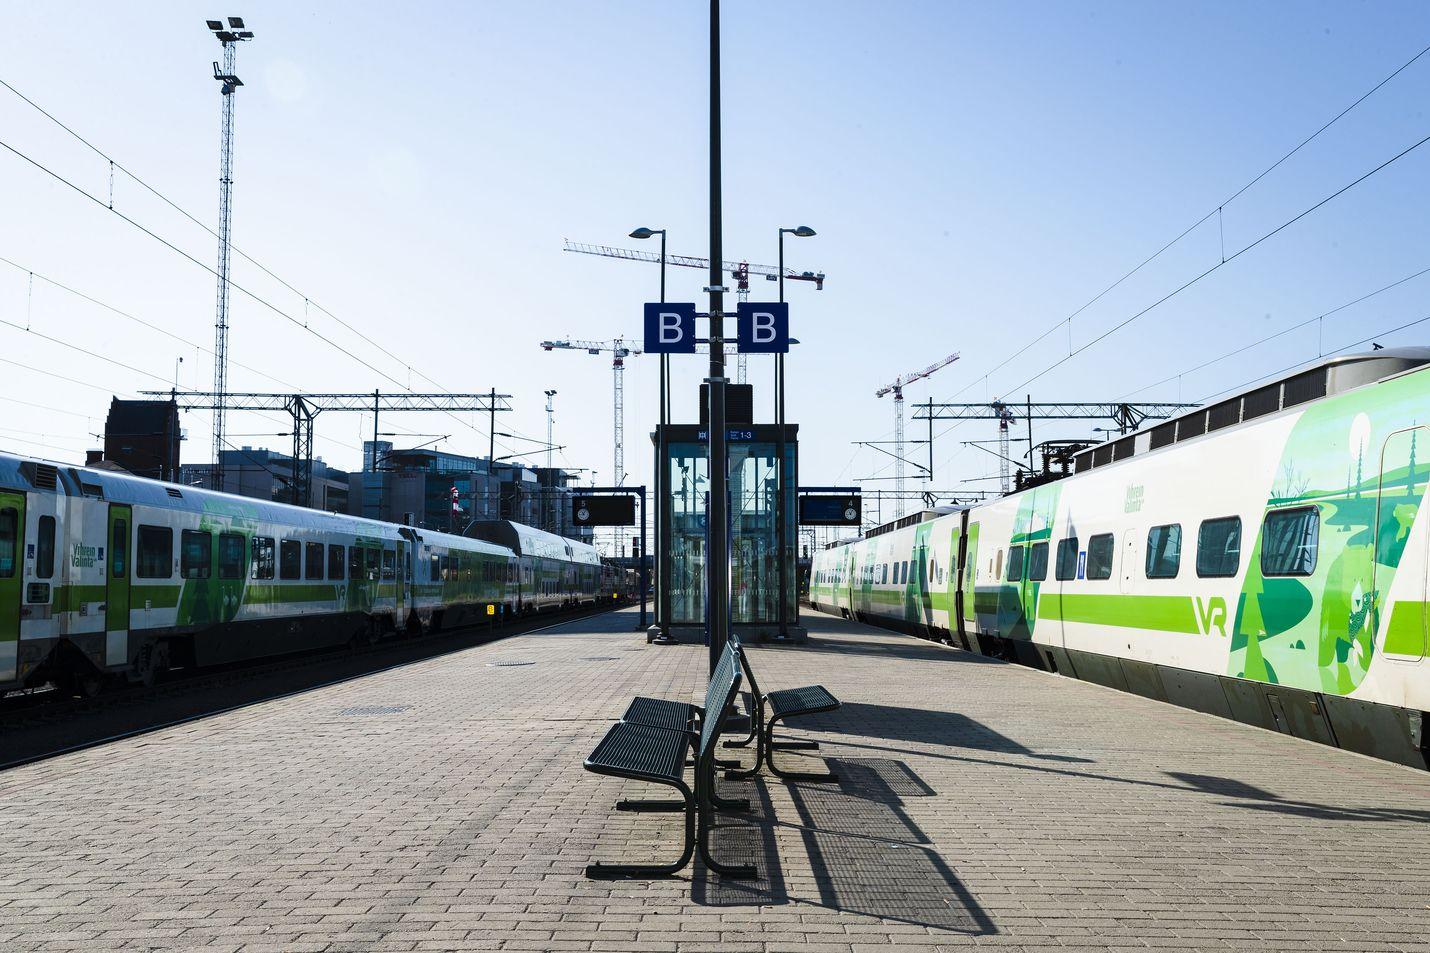 Pasilan sähköratavaurio pani koko maan kaukoliikenteen sekaisin. Myöhästymiset koskivat kaikkia Helsingistä lähteviä ja sinne saapuvia Tampereen ja Kouvolan suunnan kaukojunia.